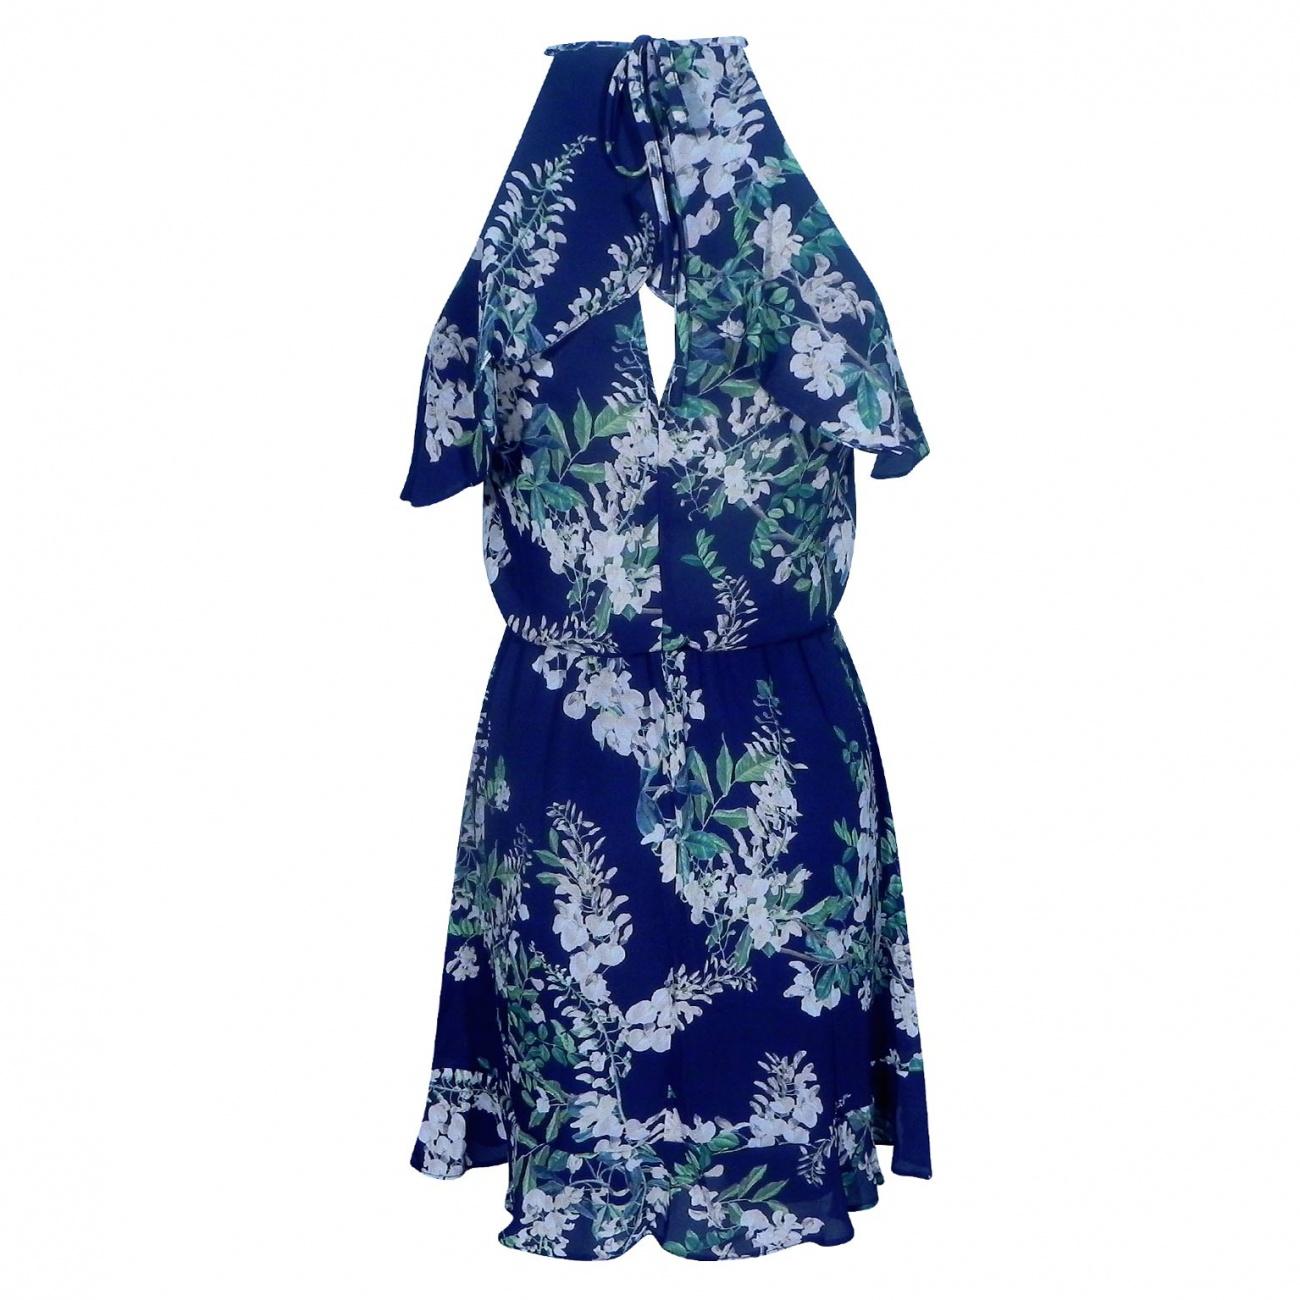 efdf4613b3 Vestido Estampado em Crepe Doce Flor - Pole Modas